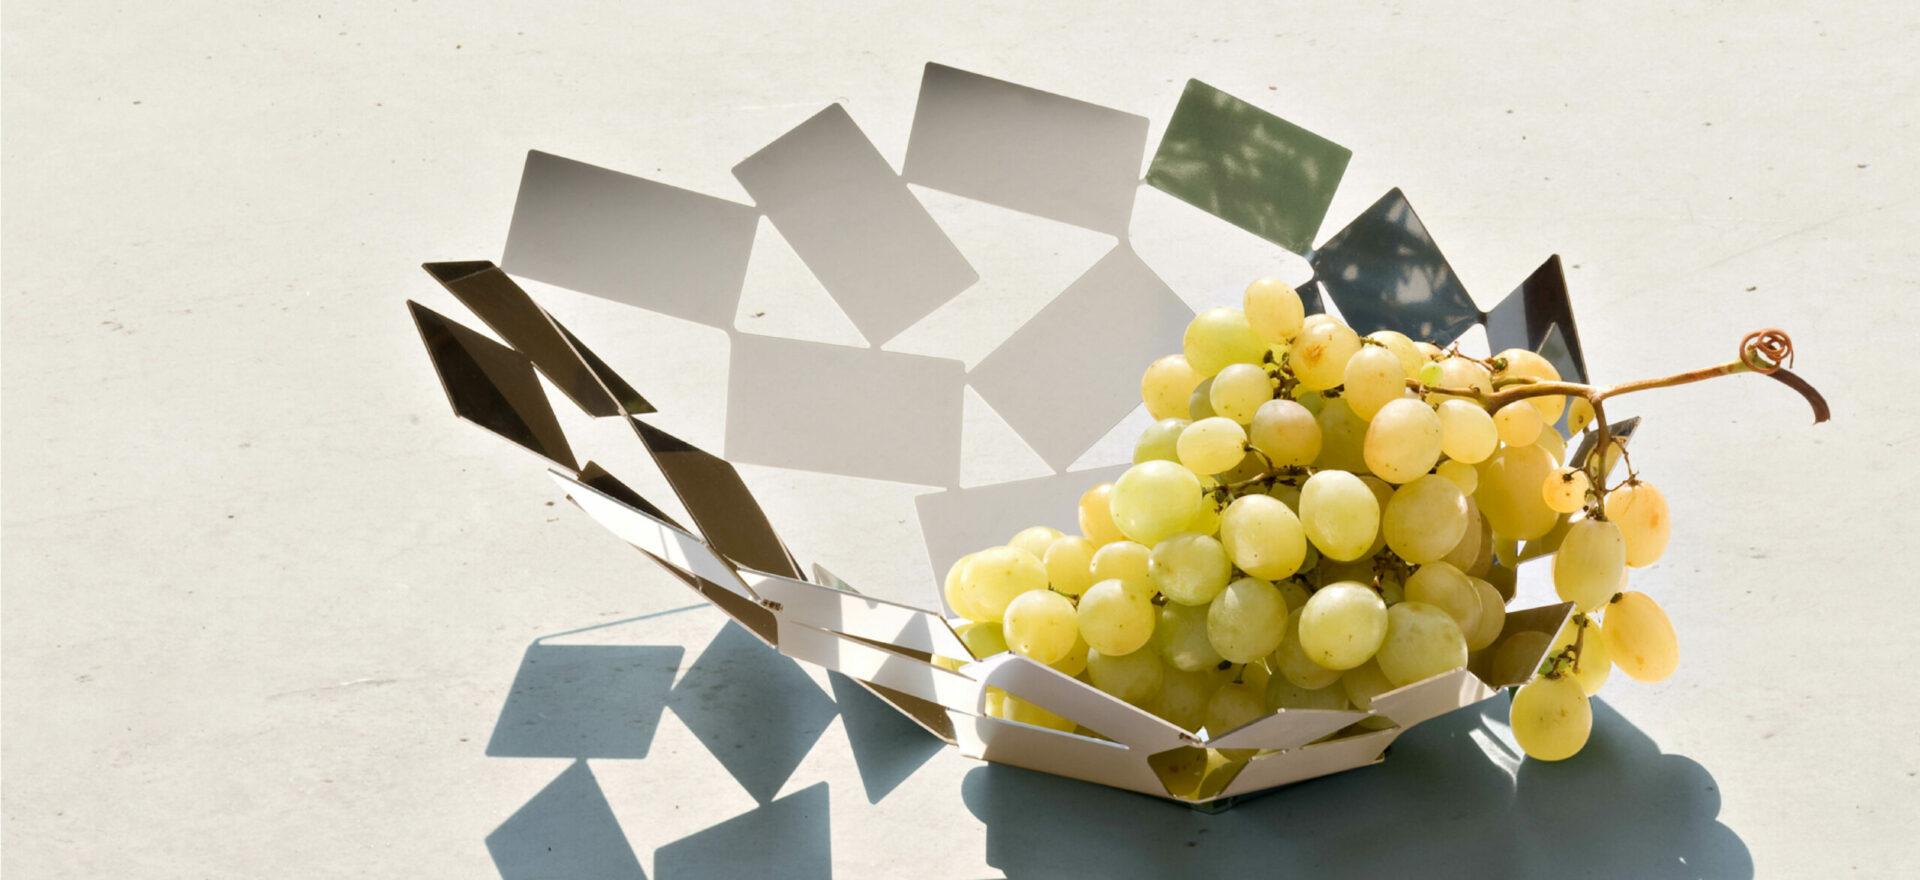 La Stanza dello Scirocco | Product Design | Basket | Alessi | Mario Trimarchi Design | Ph Santi Caleca